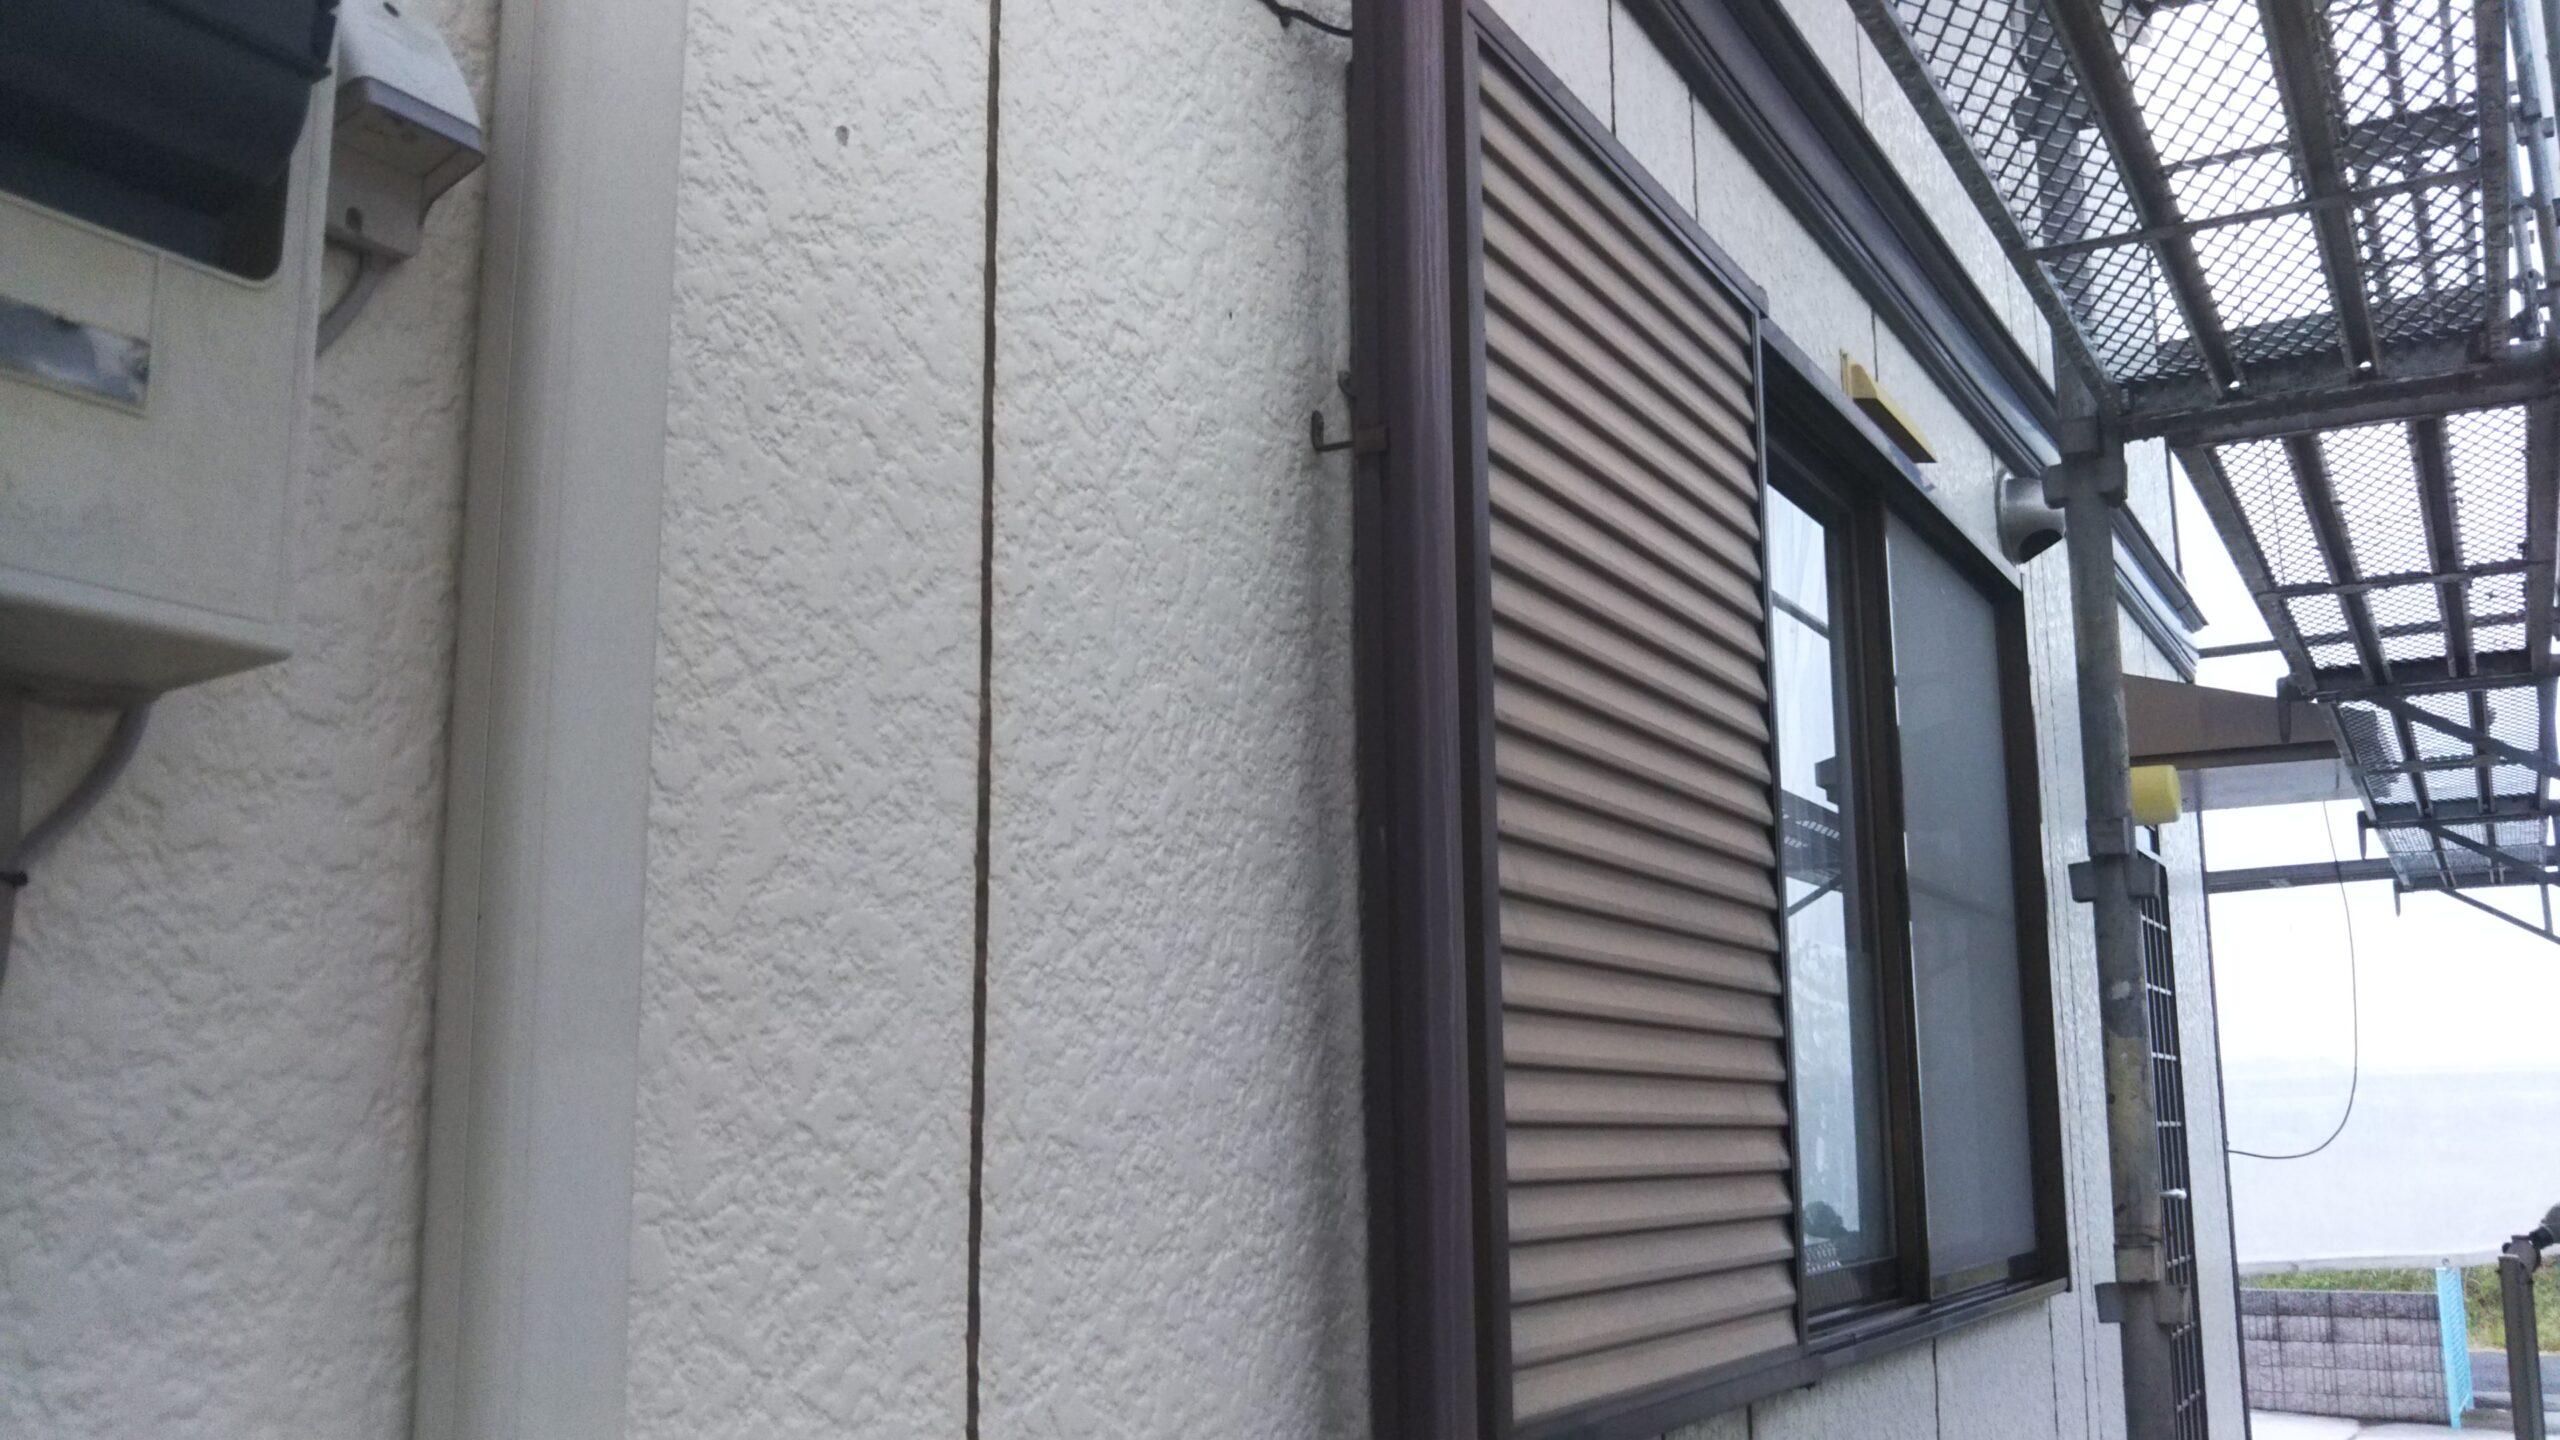 さいたま市浦和区のK様邸(木造2階建て)にてコーキングの撤去・打ち替え作業